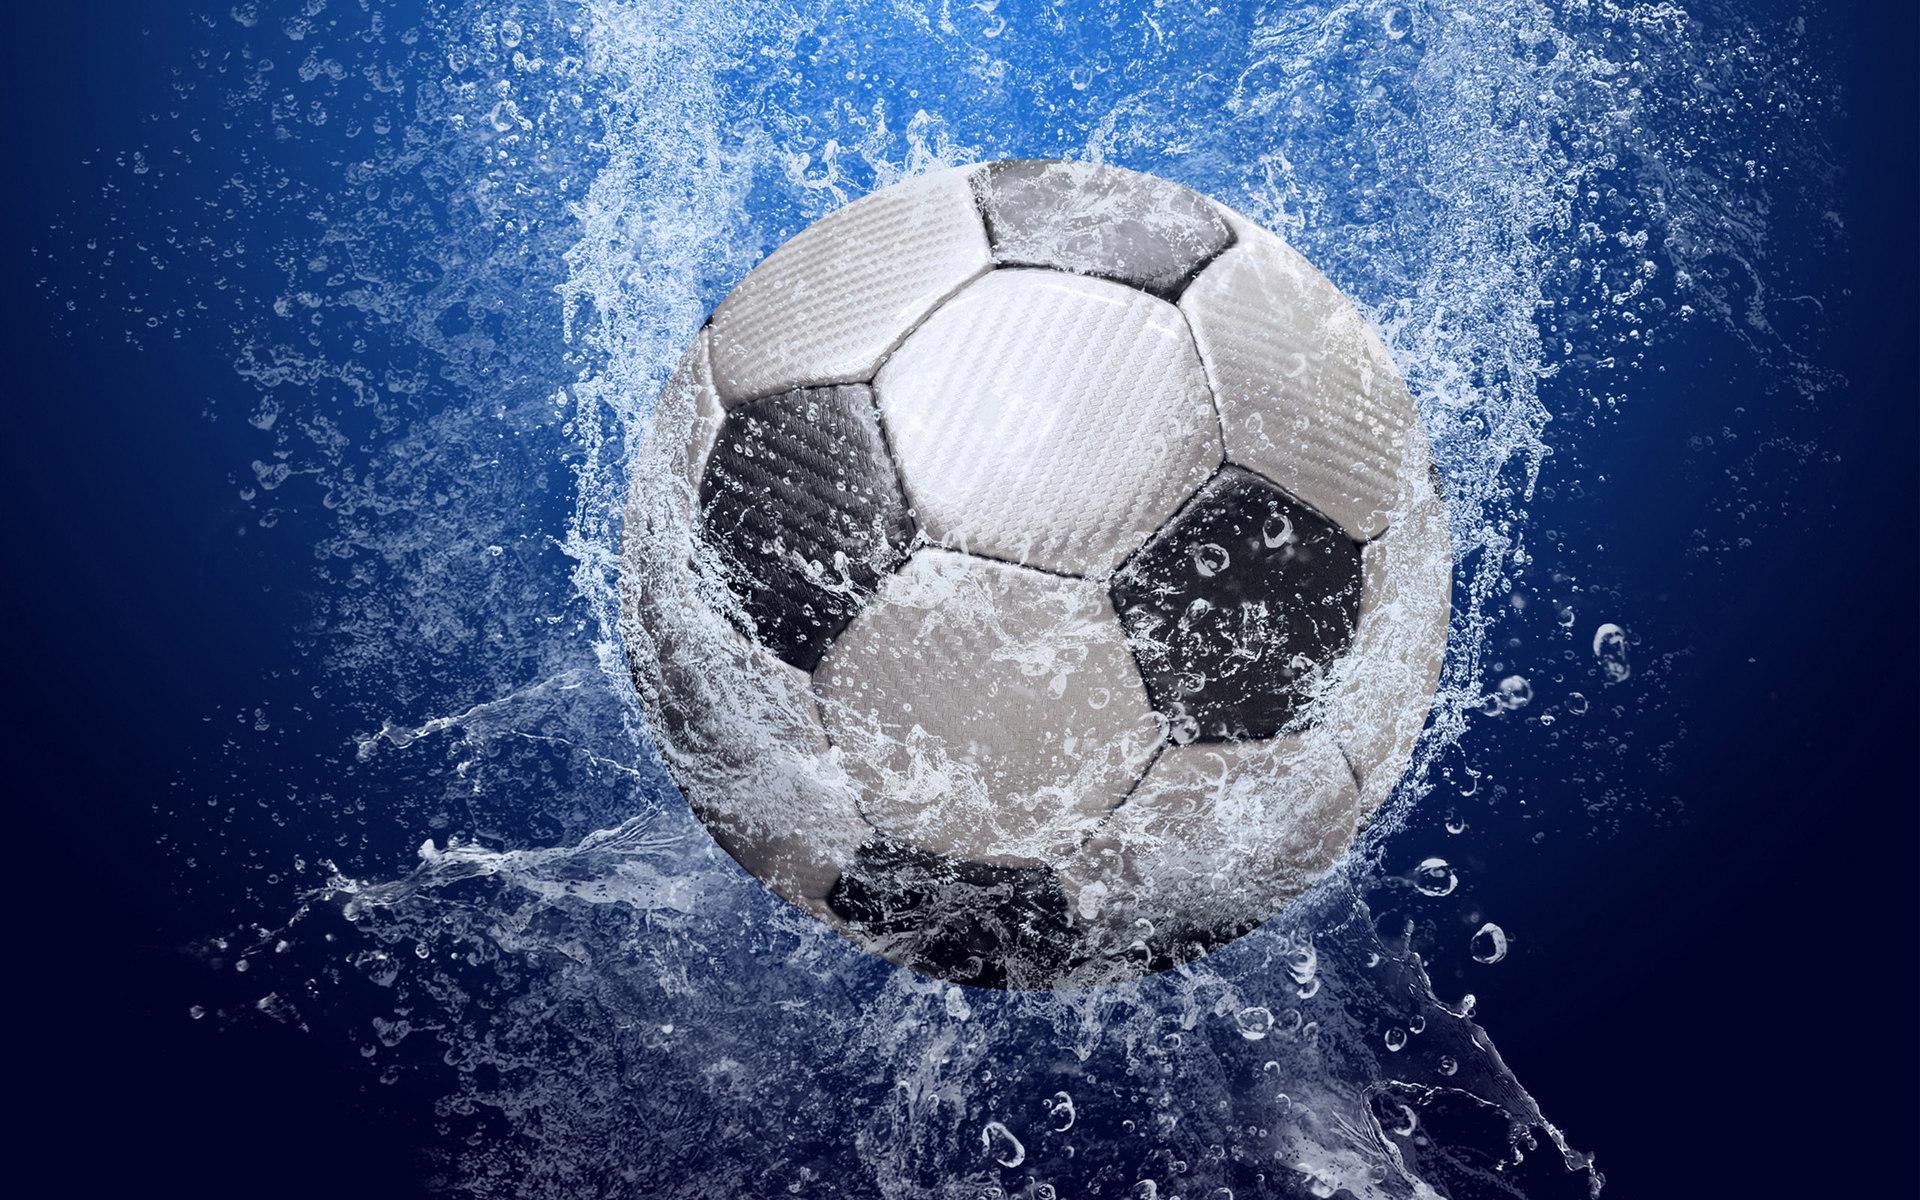 Футбольный мяч, футбол, обои, фото